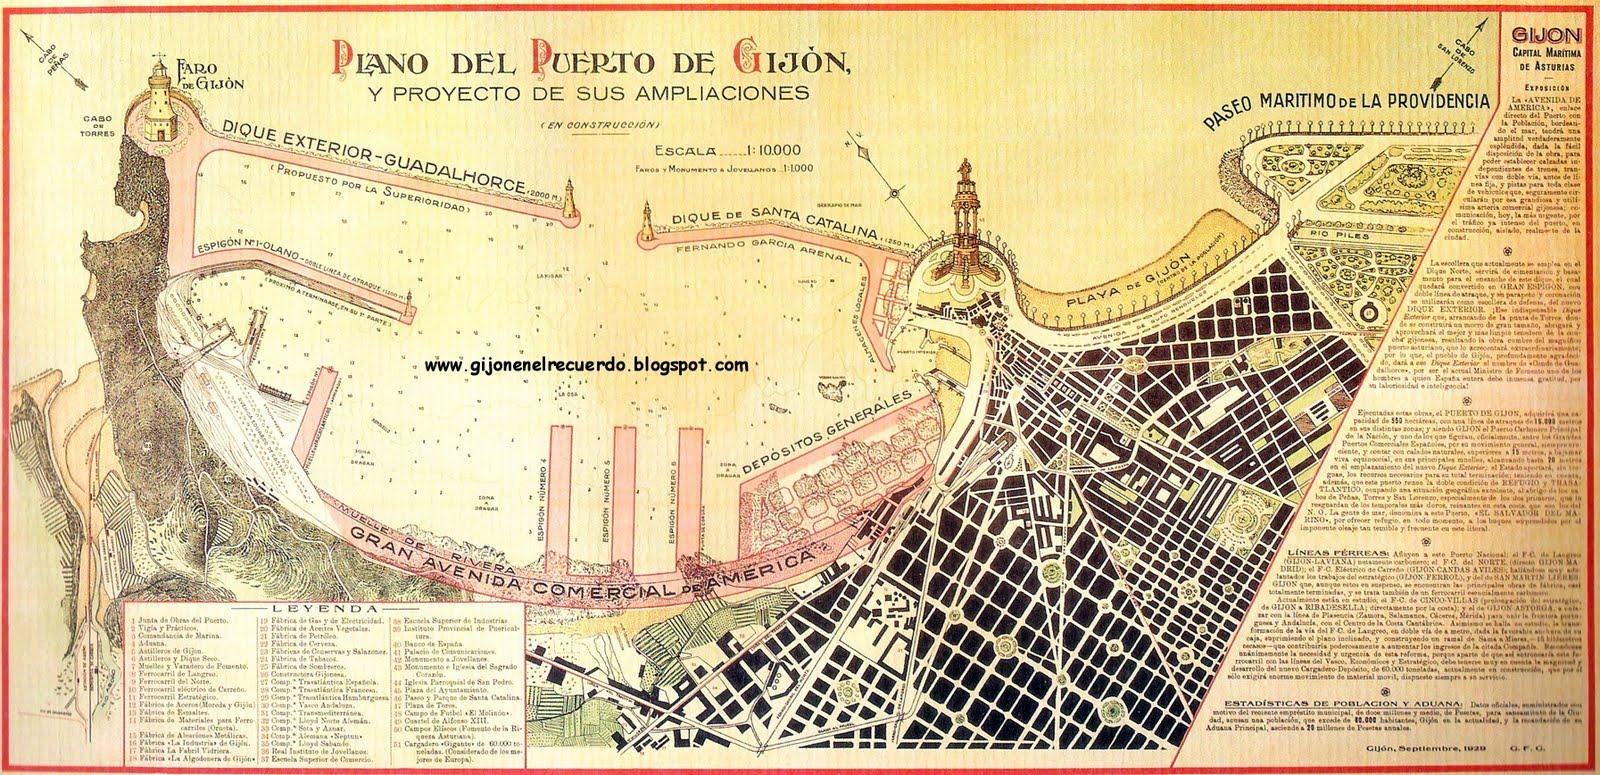 Patrimonio arquitect nico de asturias gijon el patrimonio y la especulacion - Puerto de gijon empleo ...